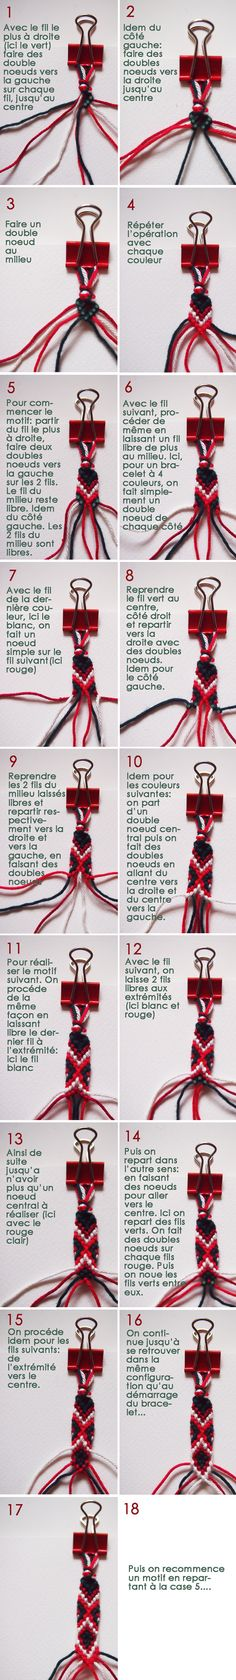 Ils figurent dans le chouette kit de Noël, alors voici l'explication des bracelets brésiliens avec un motif un peu plus élaboré que les chevrons par lesquels on commence classiquement lorsque l'on débute en bracelet brésilien. Ici un tutoriel avec 4 … Lire la suite →